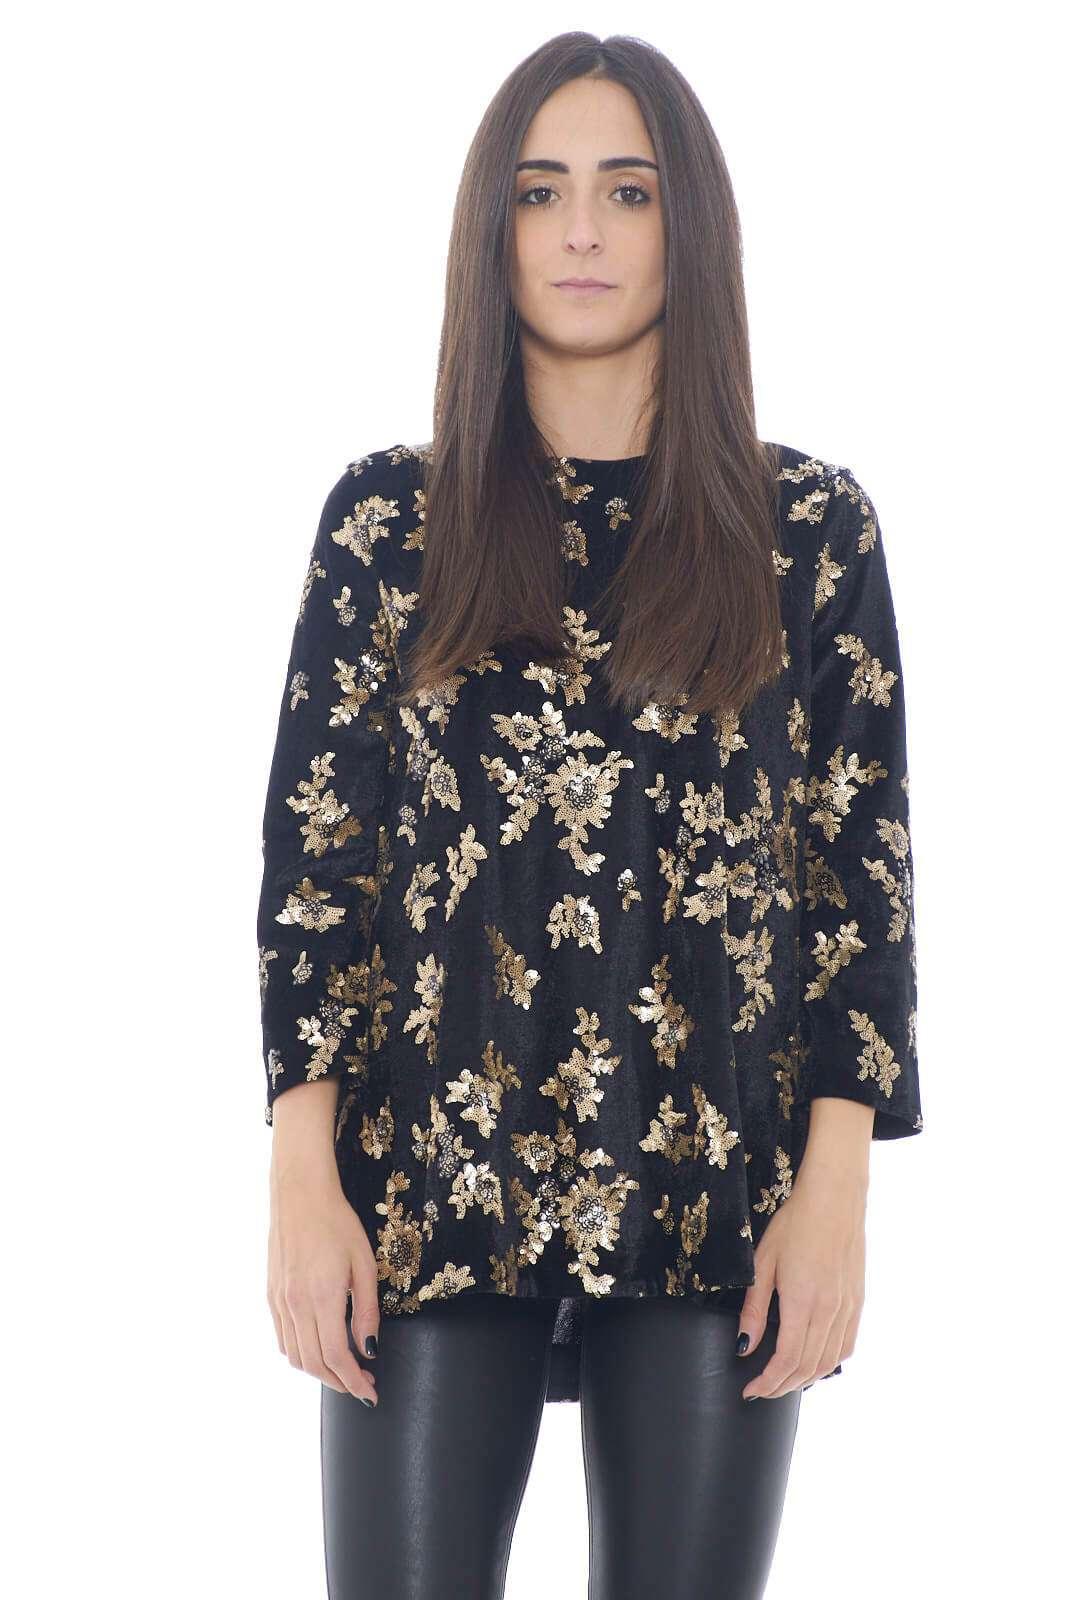 Una maglia da l look unico e particolare, quella firmata 1One. realizzata in ciniglia, e con delle paillettes dorate applicate a formare una fantasia, per un total look complessivo chic ed esclusivo. Per la donna che ama capi rari e sorprendenti.  La modella è alta 1,78m e indossa la taglia 40.